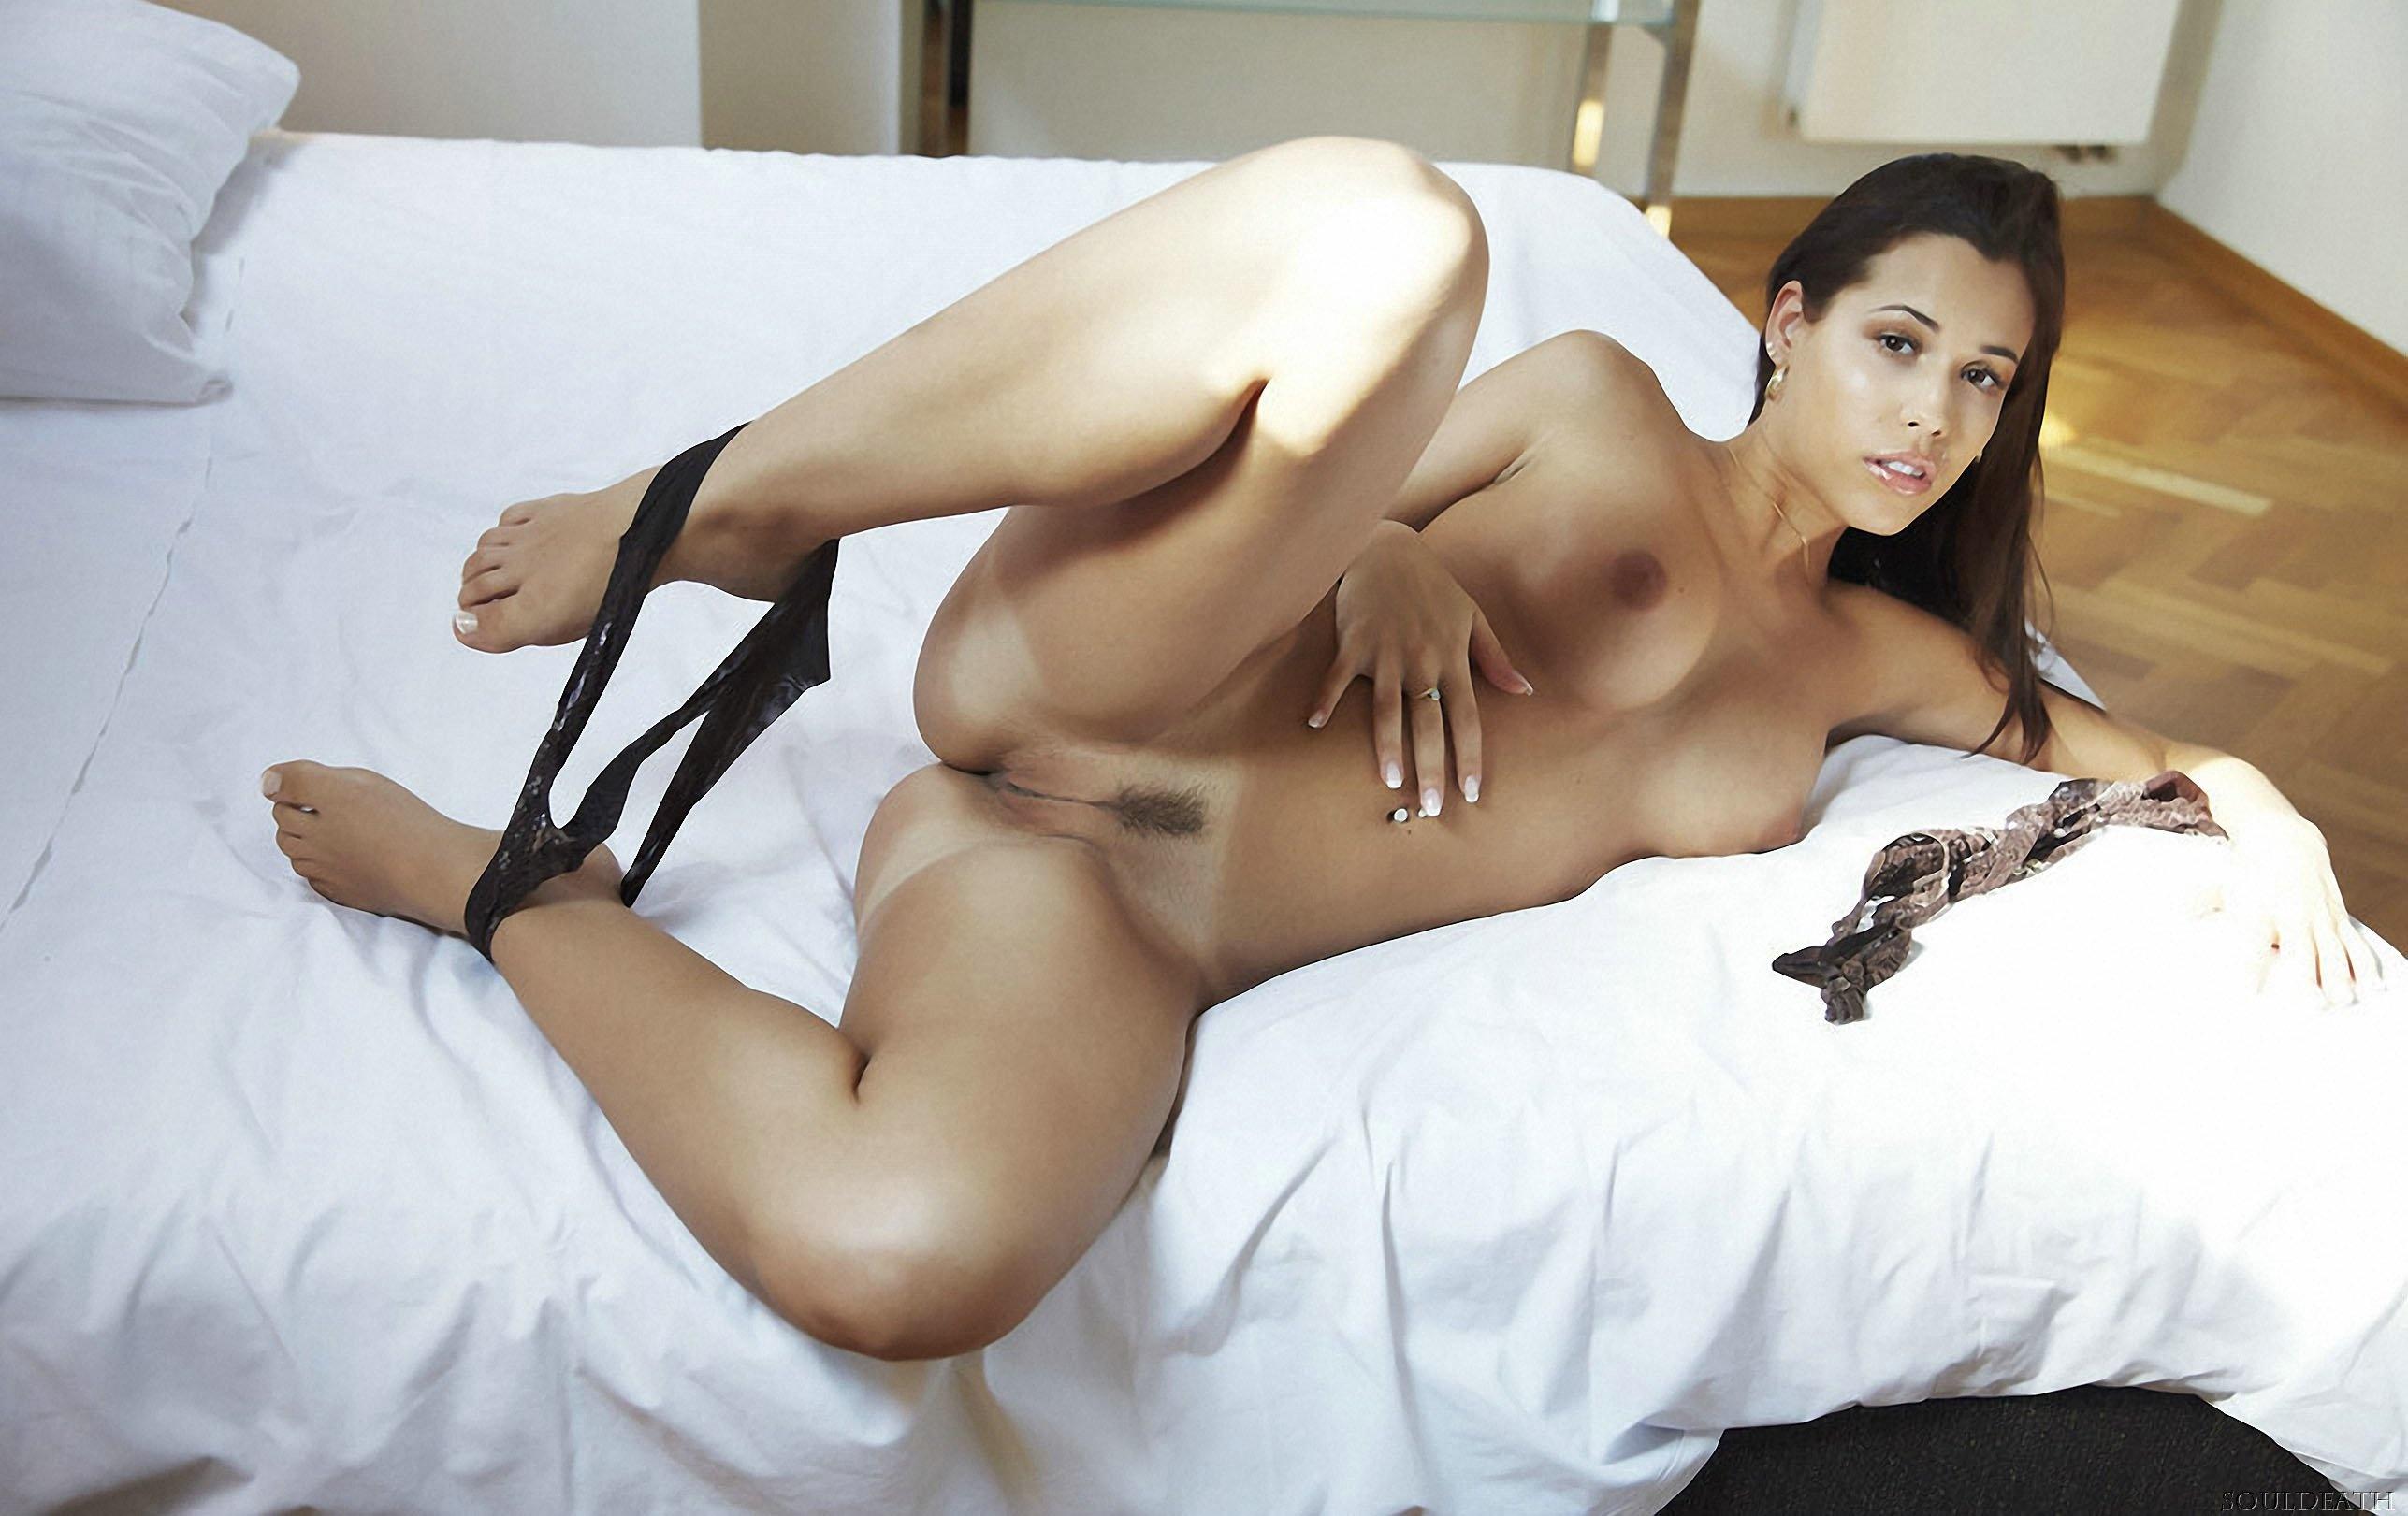 Супер красавицы испанки в порно смотреть онлайн 10 фотография